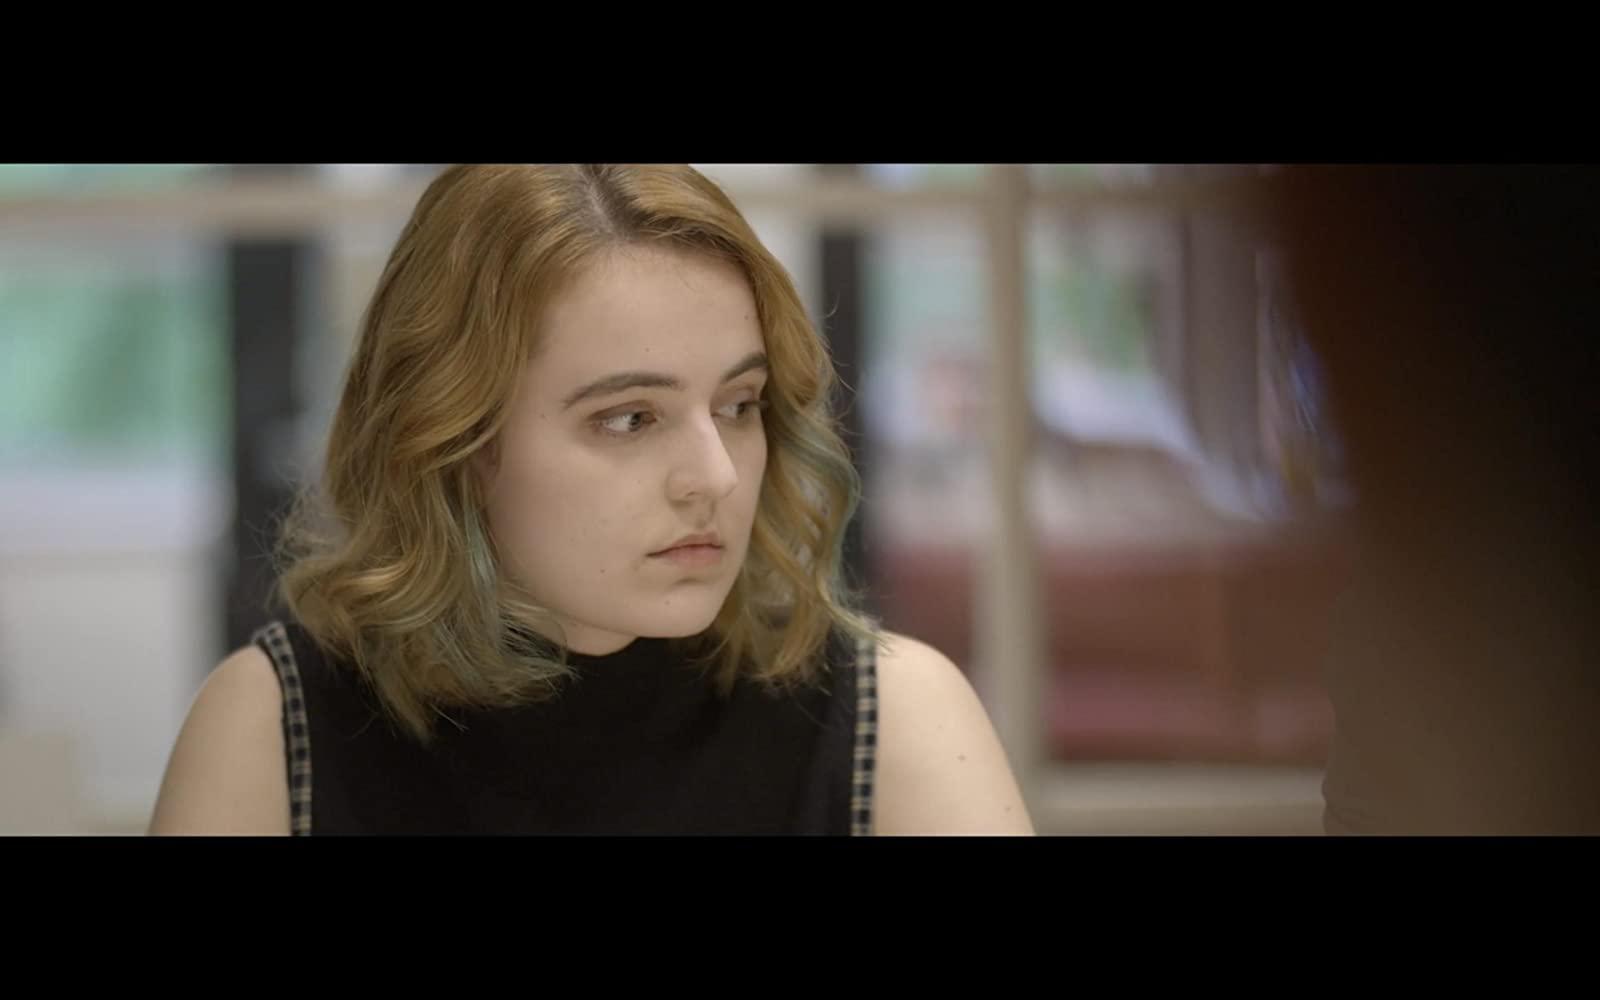 مشاهدة فيلم After Class (2019) مترجم HD اون لاين